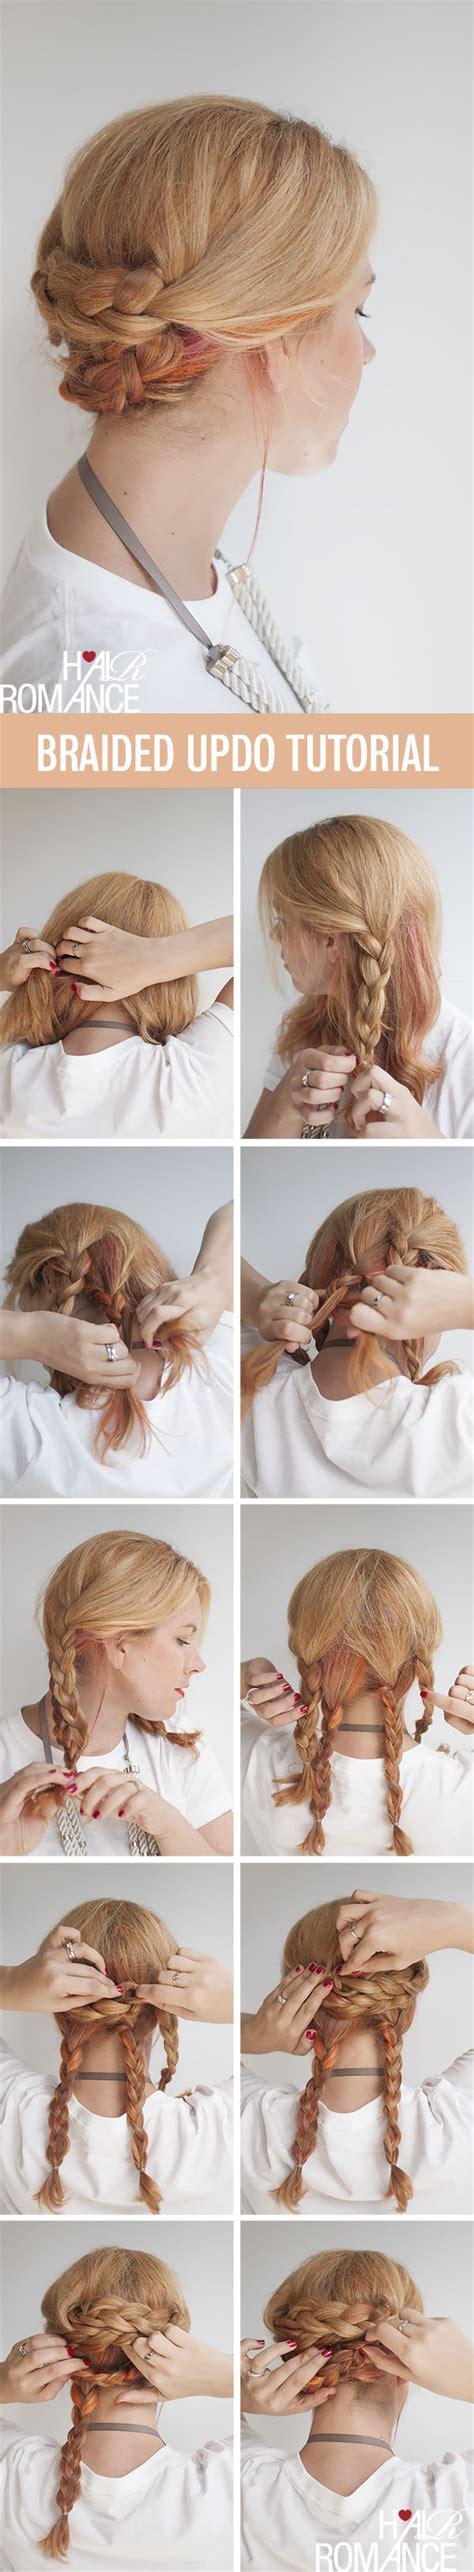 braided updo hair tutorial hair